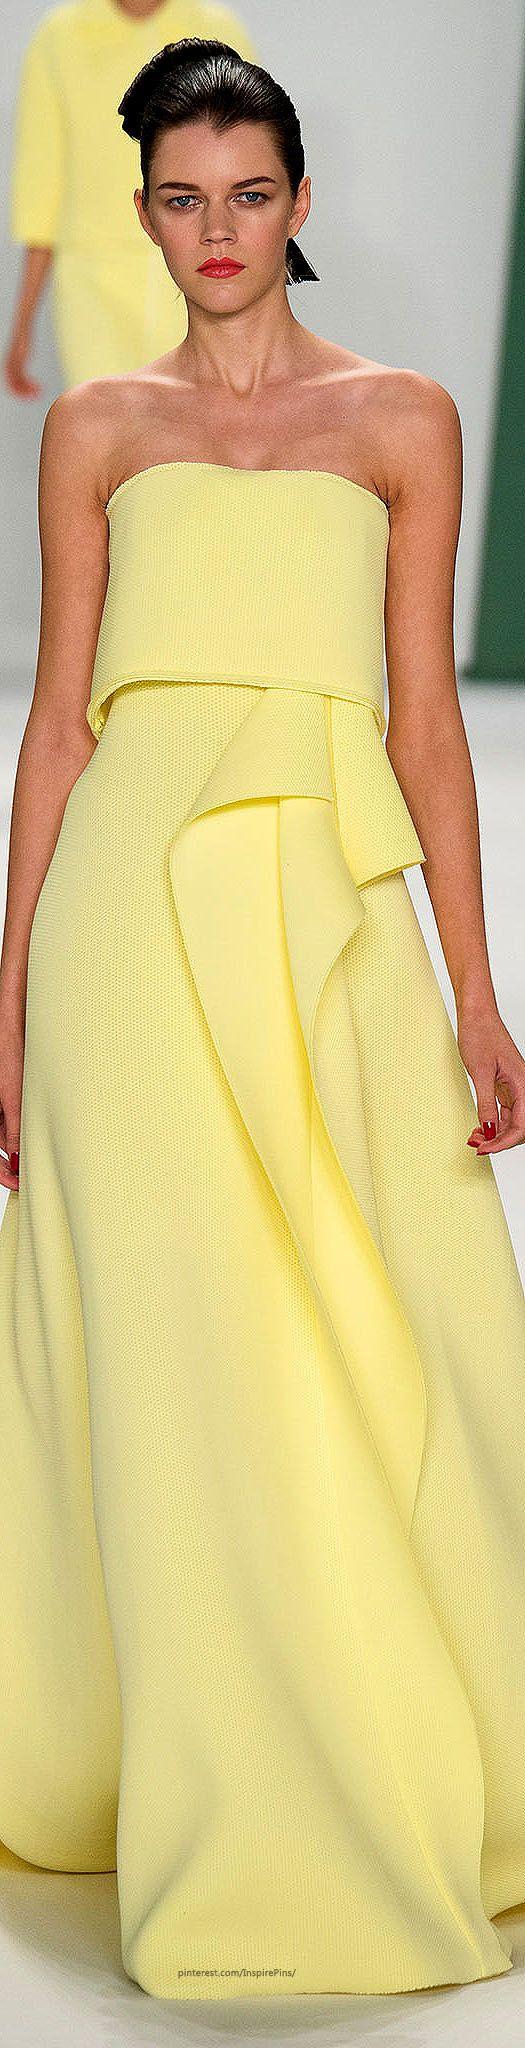 Farb-und Stilberatung mit www.farben-reich.com - Carolina Herrera Spring 2015 Ready-to-Wear